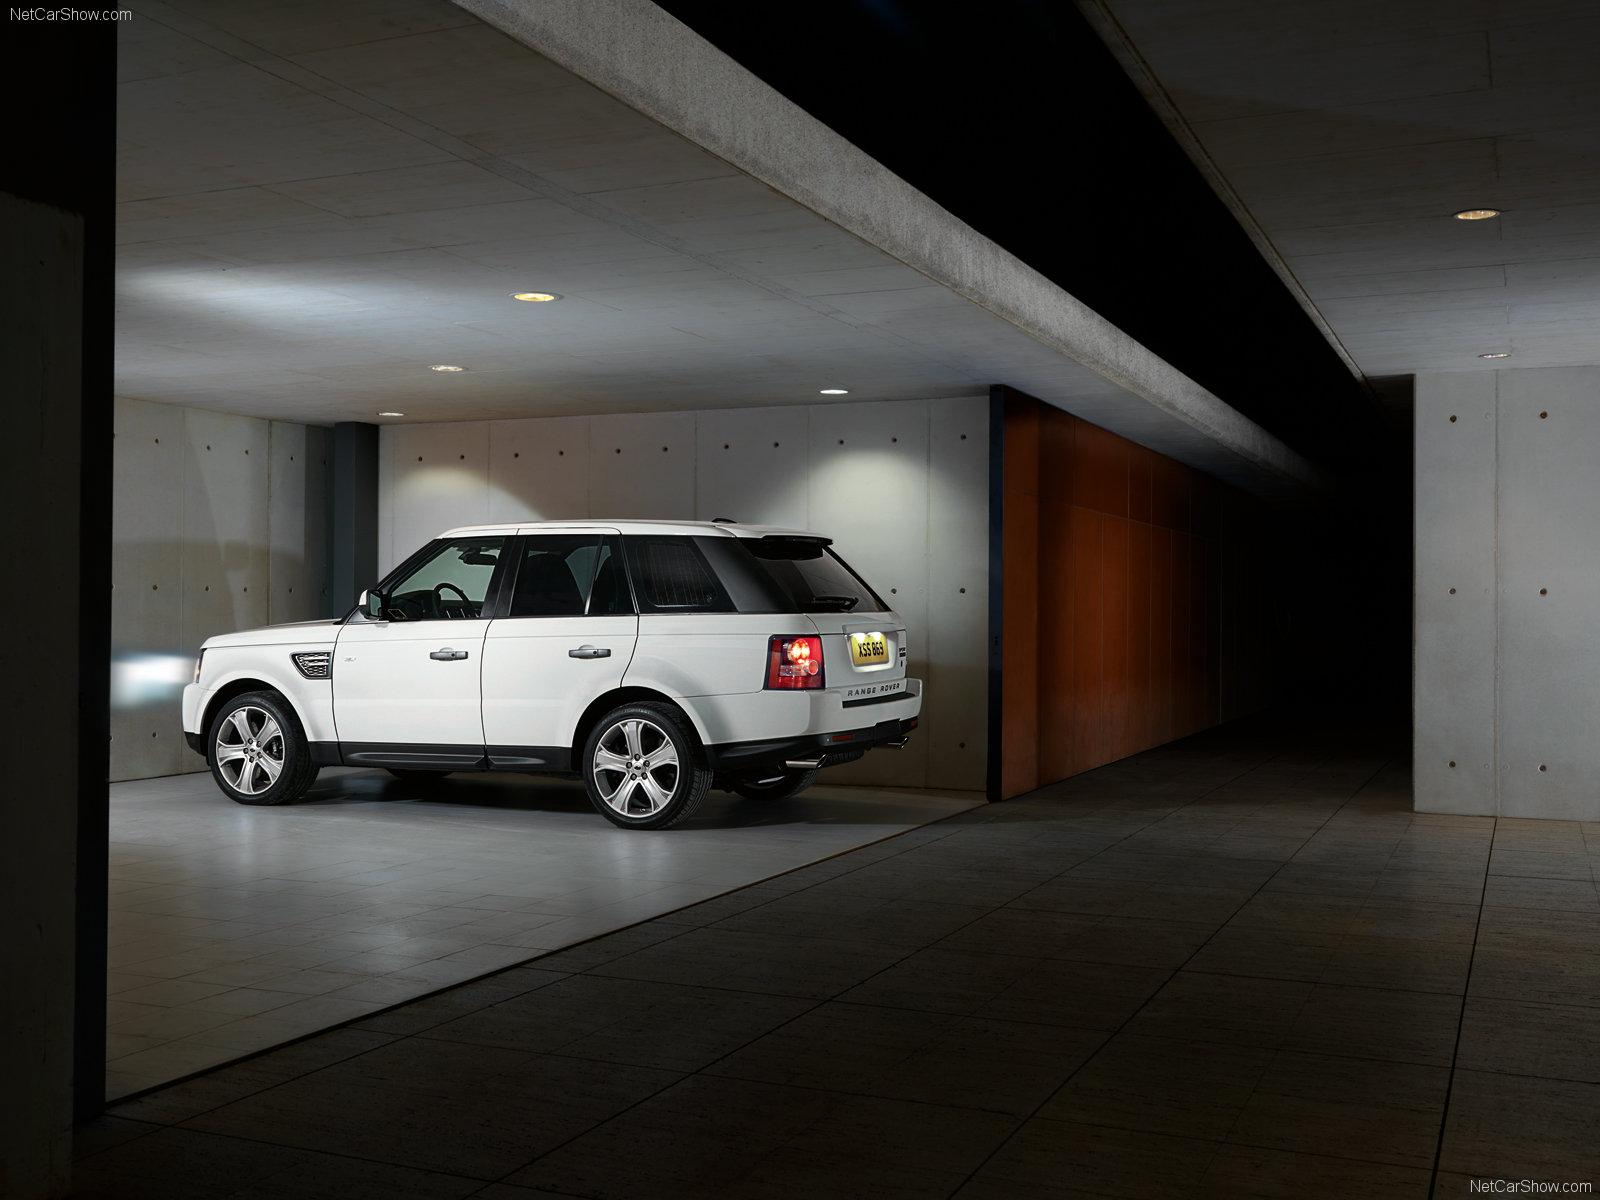 http://1.bp.blogspot.com/-xTUSa1rkYPk/T99rCNMwEZI/AAAAAAAAA-U/g_xBB0Nxp14/s1600/Land-Rover-Range-Rover-Sport-1600x1200_wallpaper_08.jpg